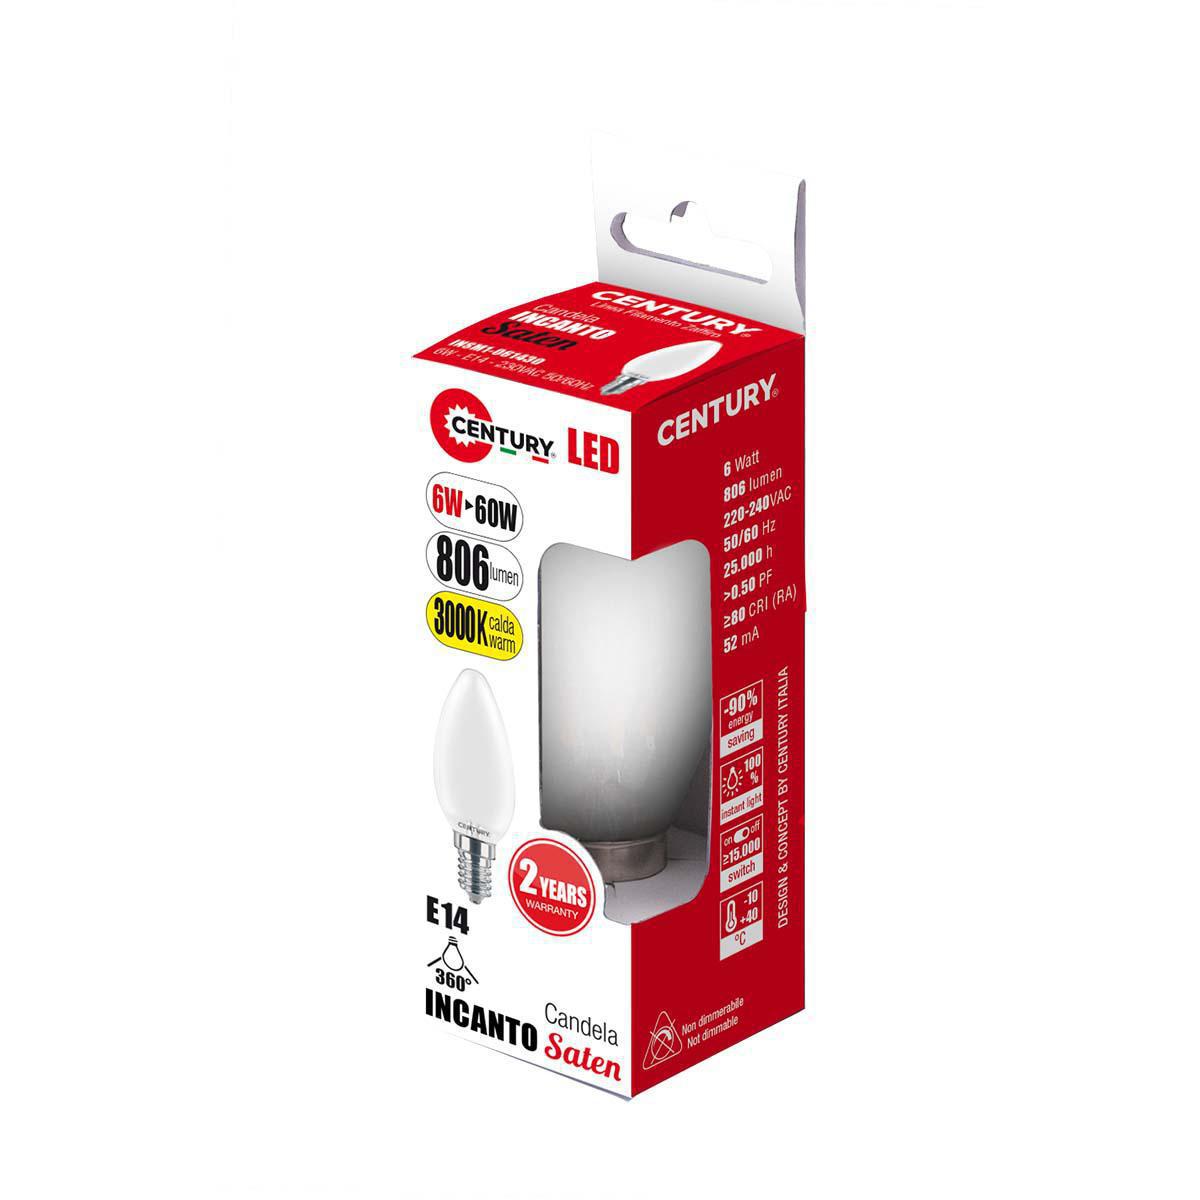 LED Vintage Filament Lampe Oliva E27 6 W 806 lm 2700 K